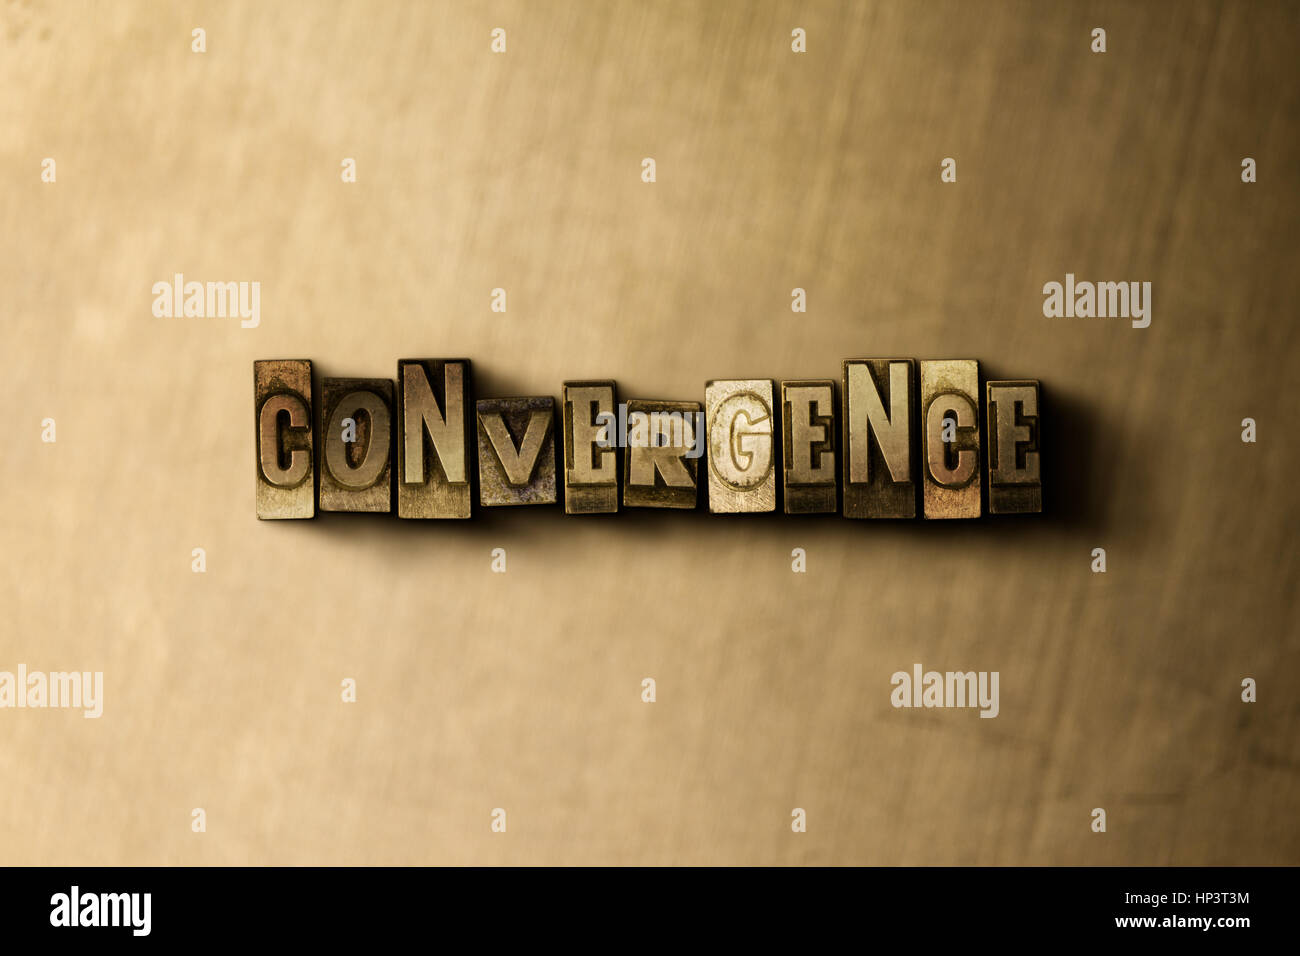 Konvergenz - Schriftsatz Nahaufnahme von Grunge Vintage Wort auf Metall Hintergrund. GEMA freie stock Illustration. Stockbild